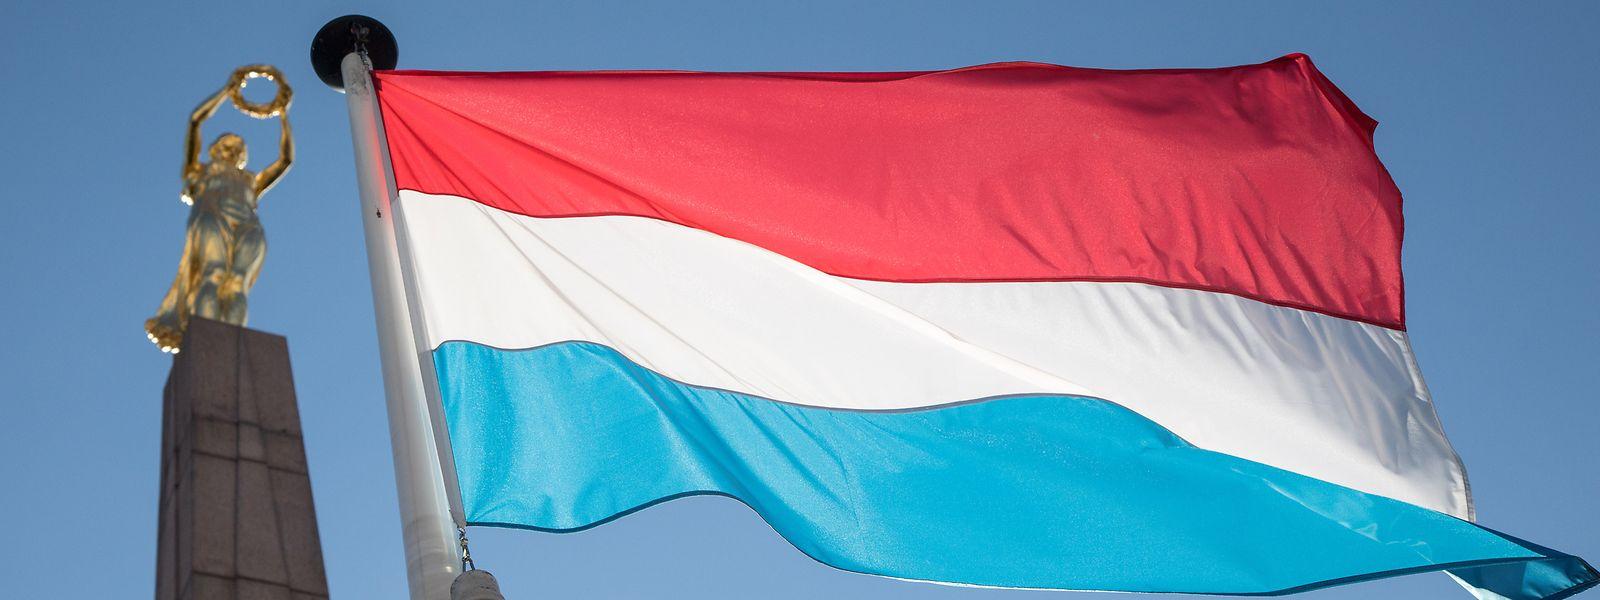 Si le Luxembourg devrait connaître un taux de croissance de 2,8% jusqu'en 2022, un ralentissement économique s'annonce avec une croissance attendue de 2% en 2024.